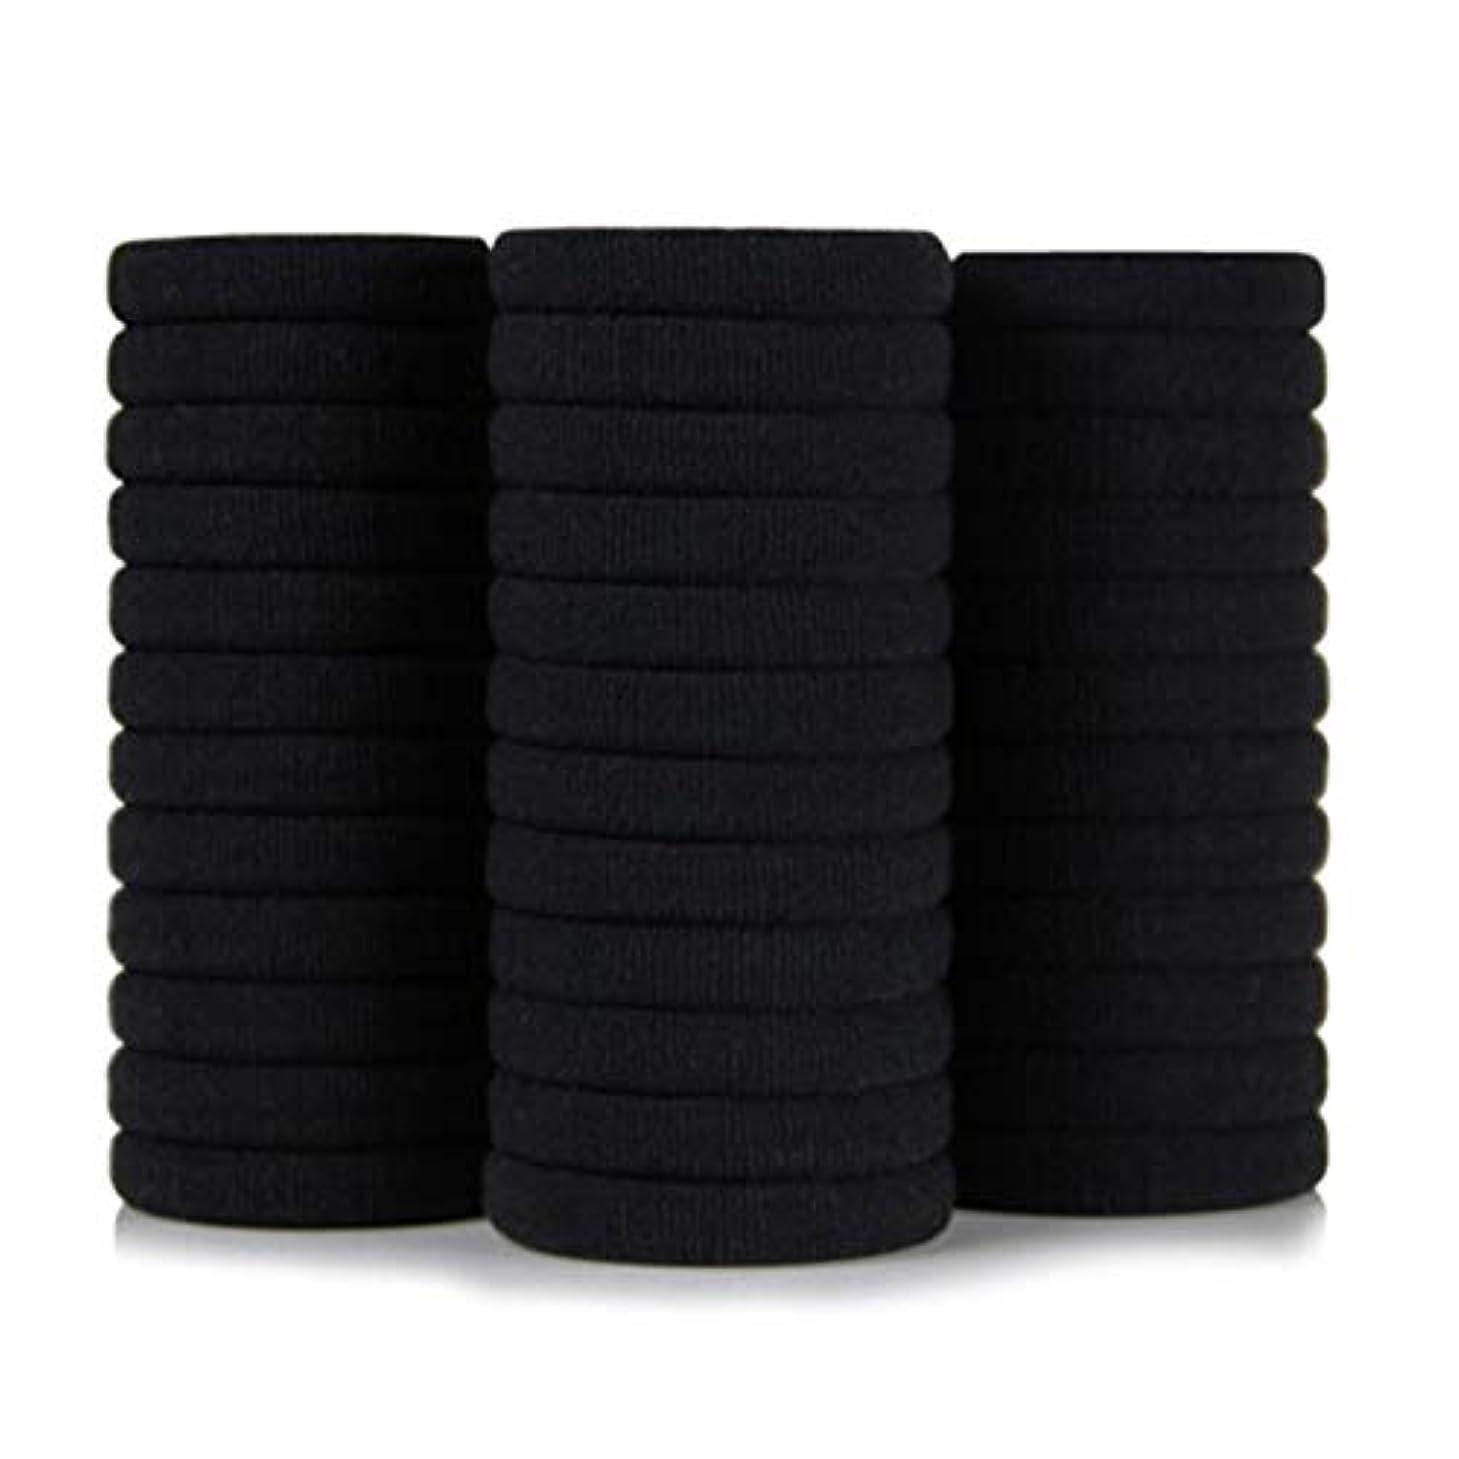 アドバンテージトライアスリート練習黒高弾性シームレスナイロンヘアリングヘアロープ36ロードラバーバンド、ヘッドロープ、帽子ネクタイヘアポニーテール (Color : Black, Size : 3.4*4cm)